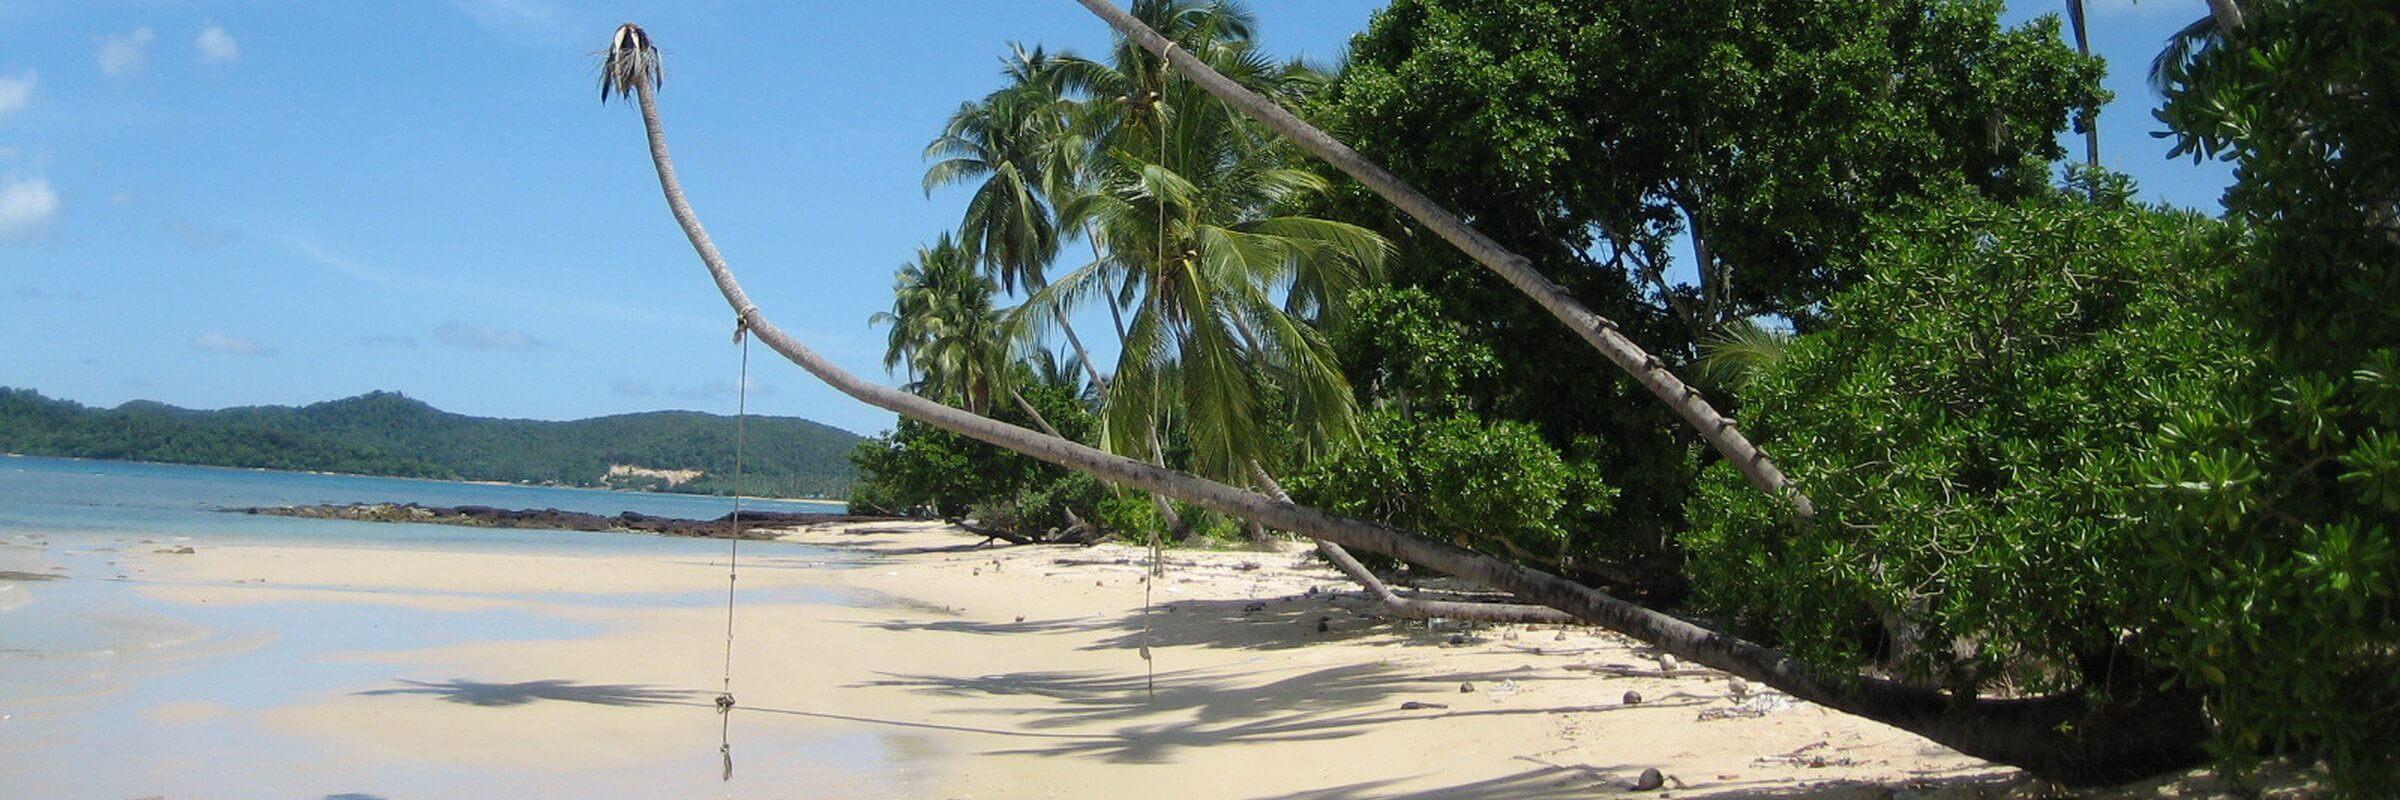 Die kleine Insel Koh Mak ist mit nur 500 Einwohnern ein Geheimtipp für alle Ruchesuchenden.